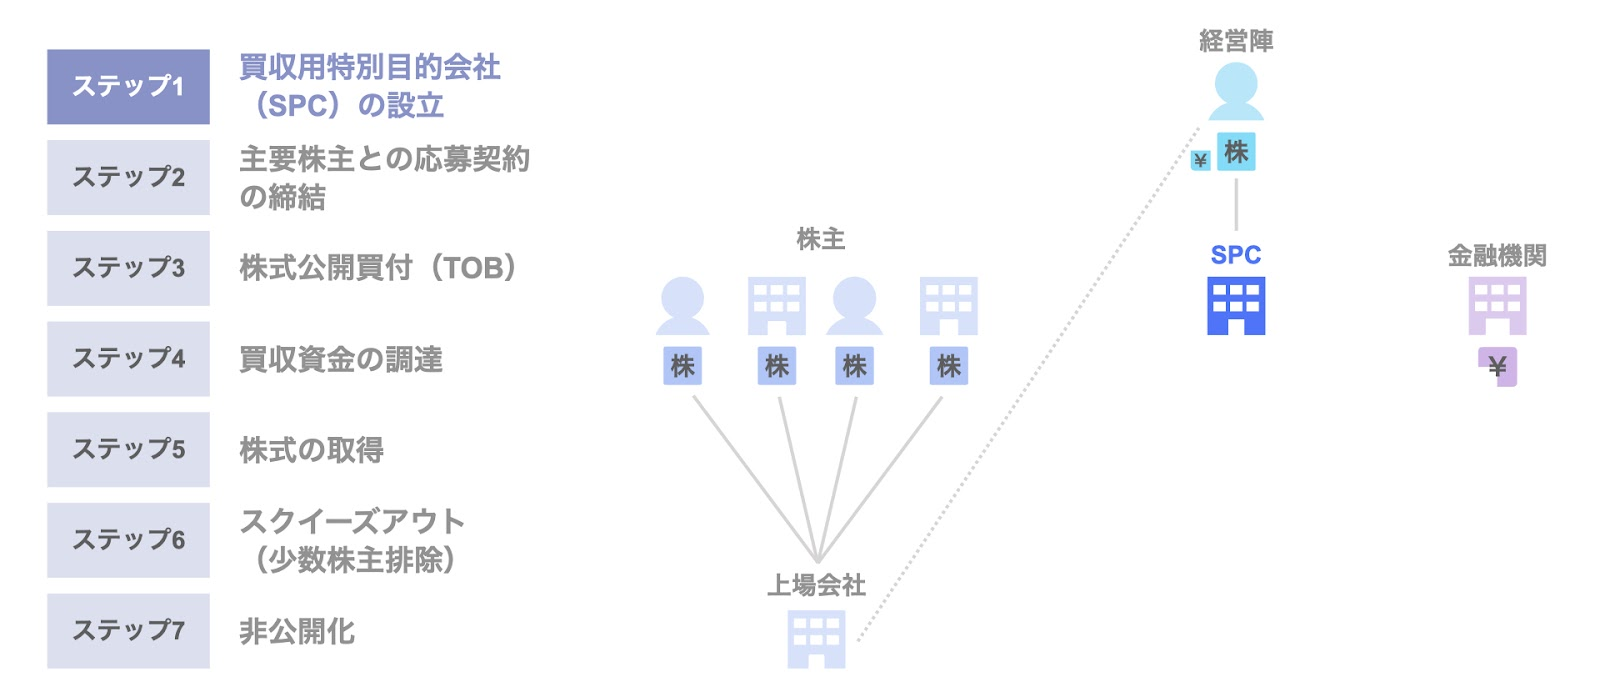 MBOによる非公開化のスキーム①買収用目的会社(SPC)の設立